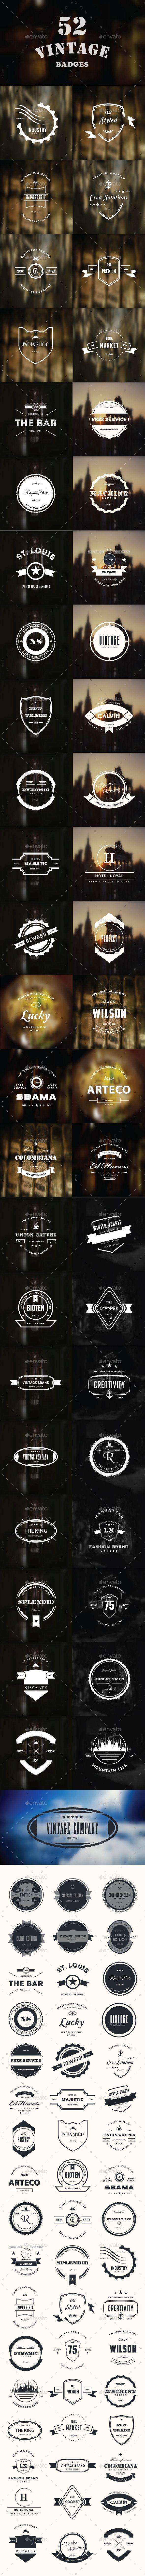 52 Retro Vintage розпізнавальні знаки та логотип-Жетони-Bundle - Значки і наклейки Web Elements